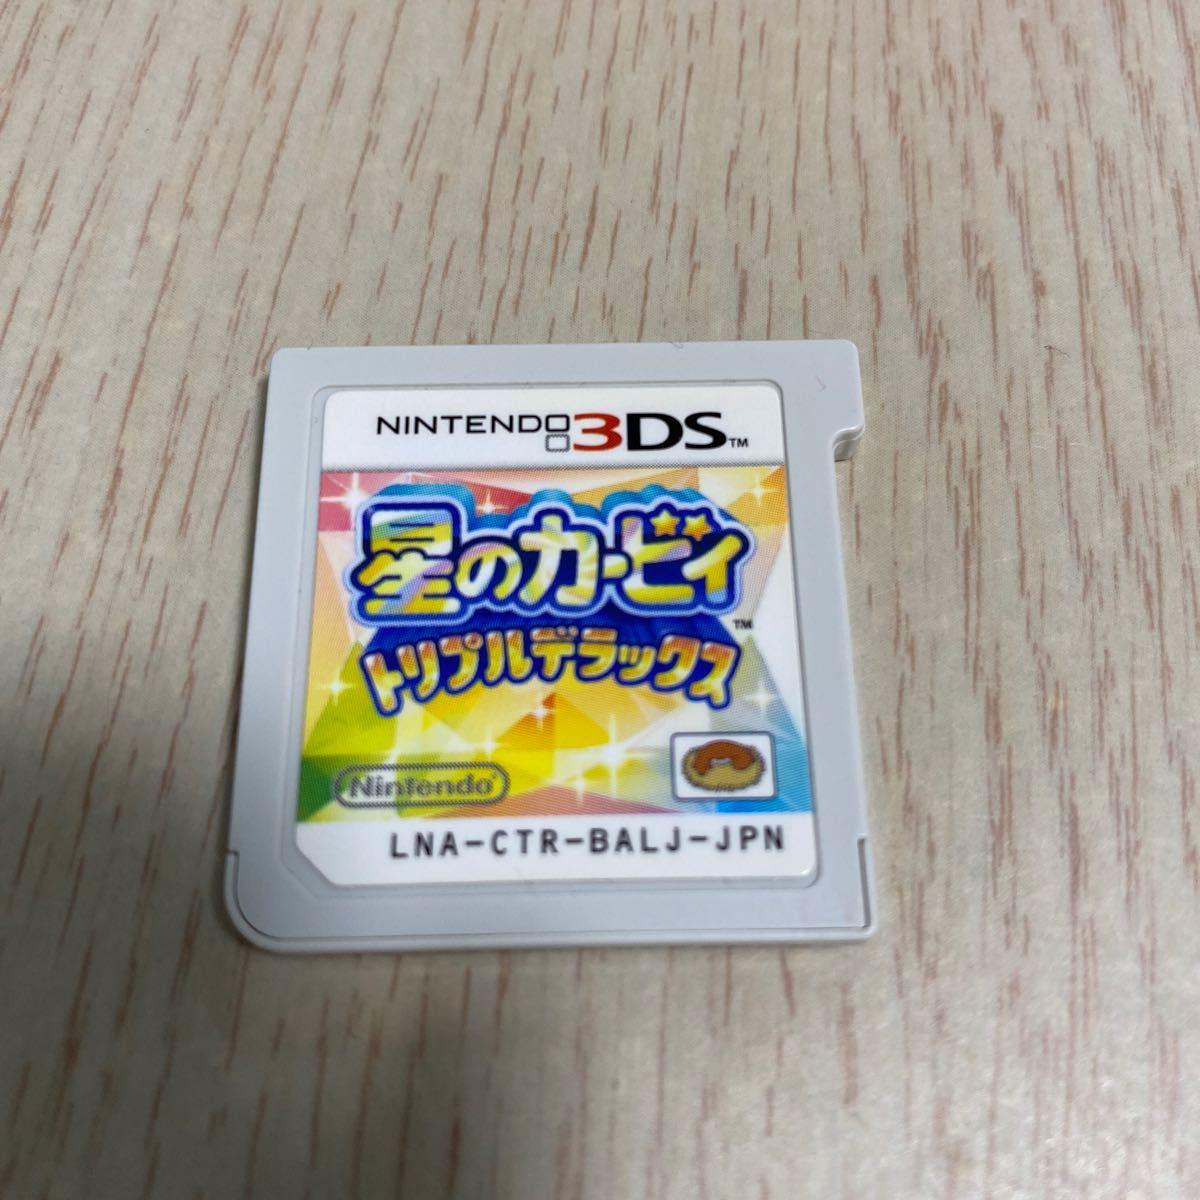 Nintendo 3DS 星のカービィ トリプルデラックス